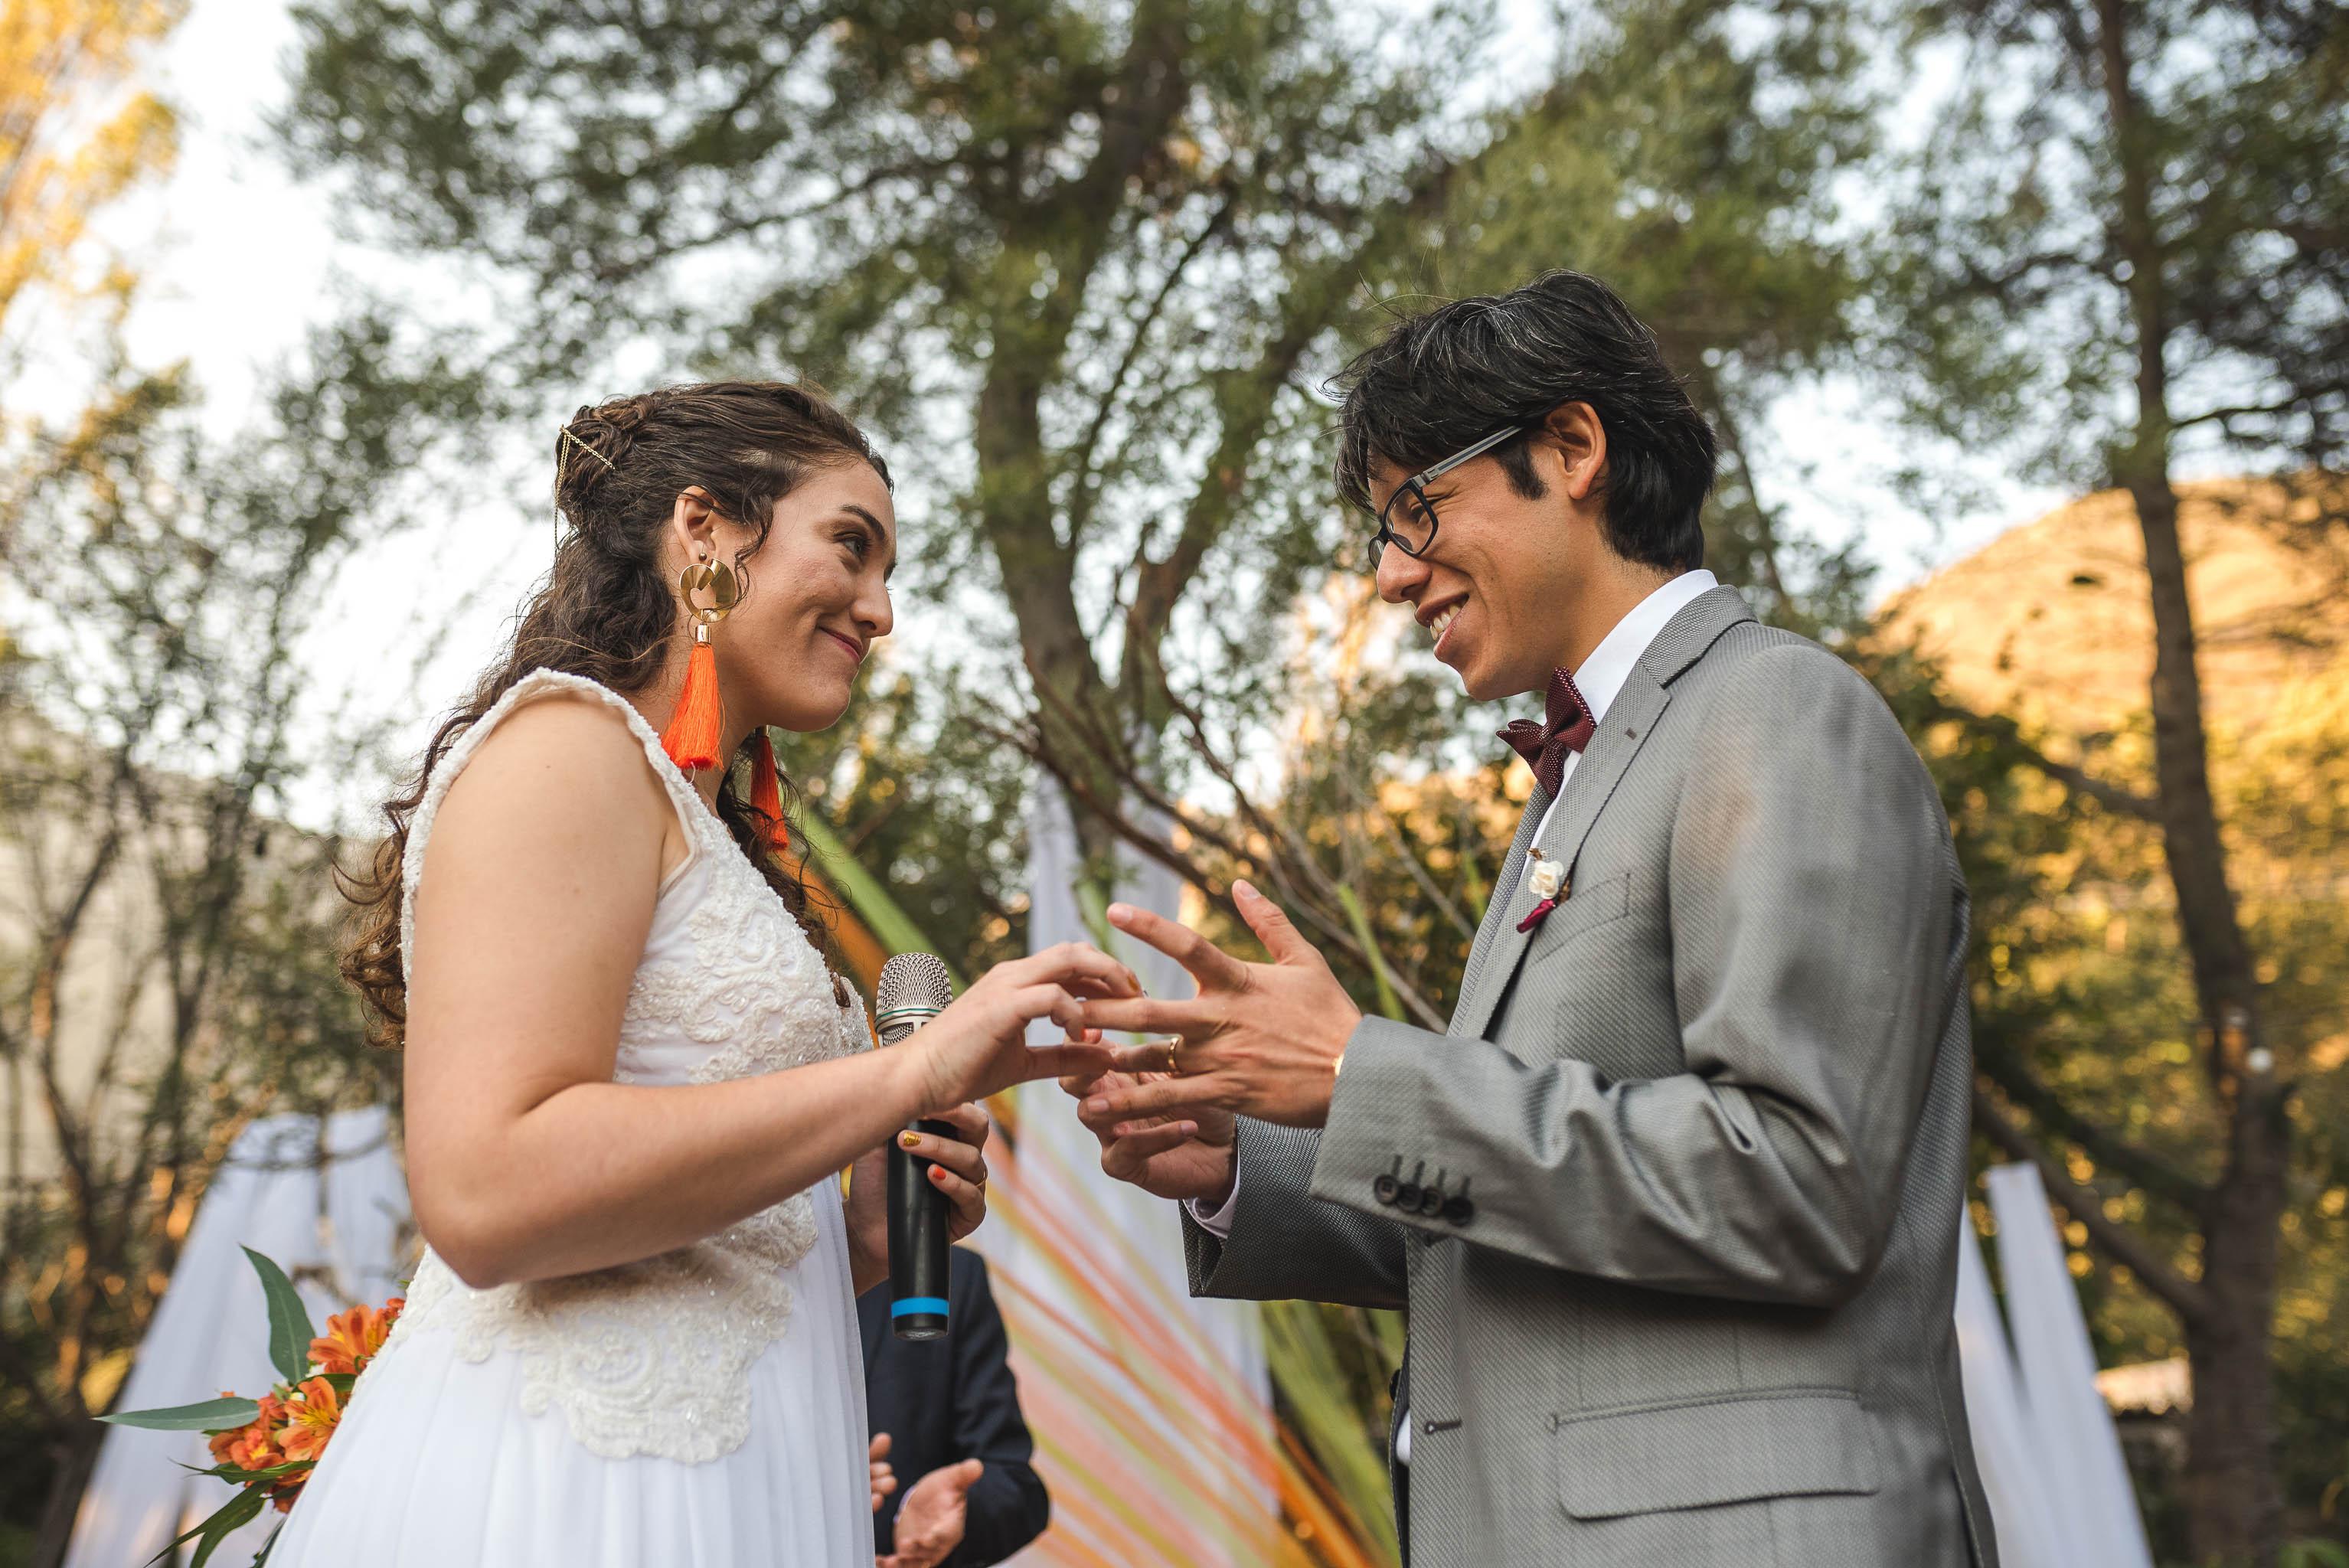 matrimonio-ko eventos-fiesta-novios-ceremonia al aire libre